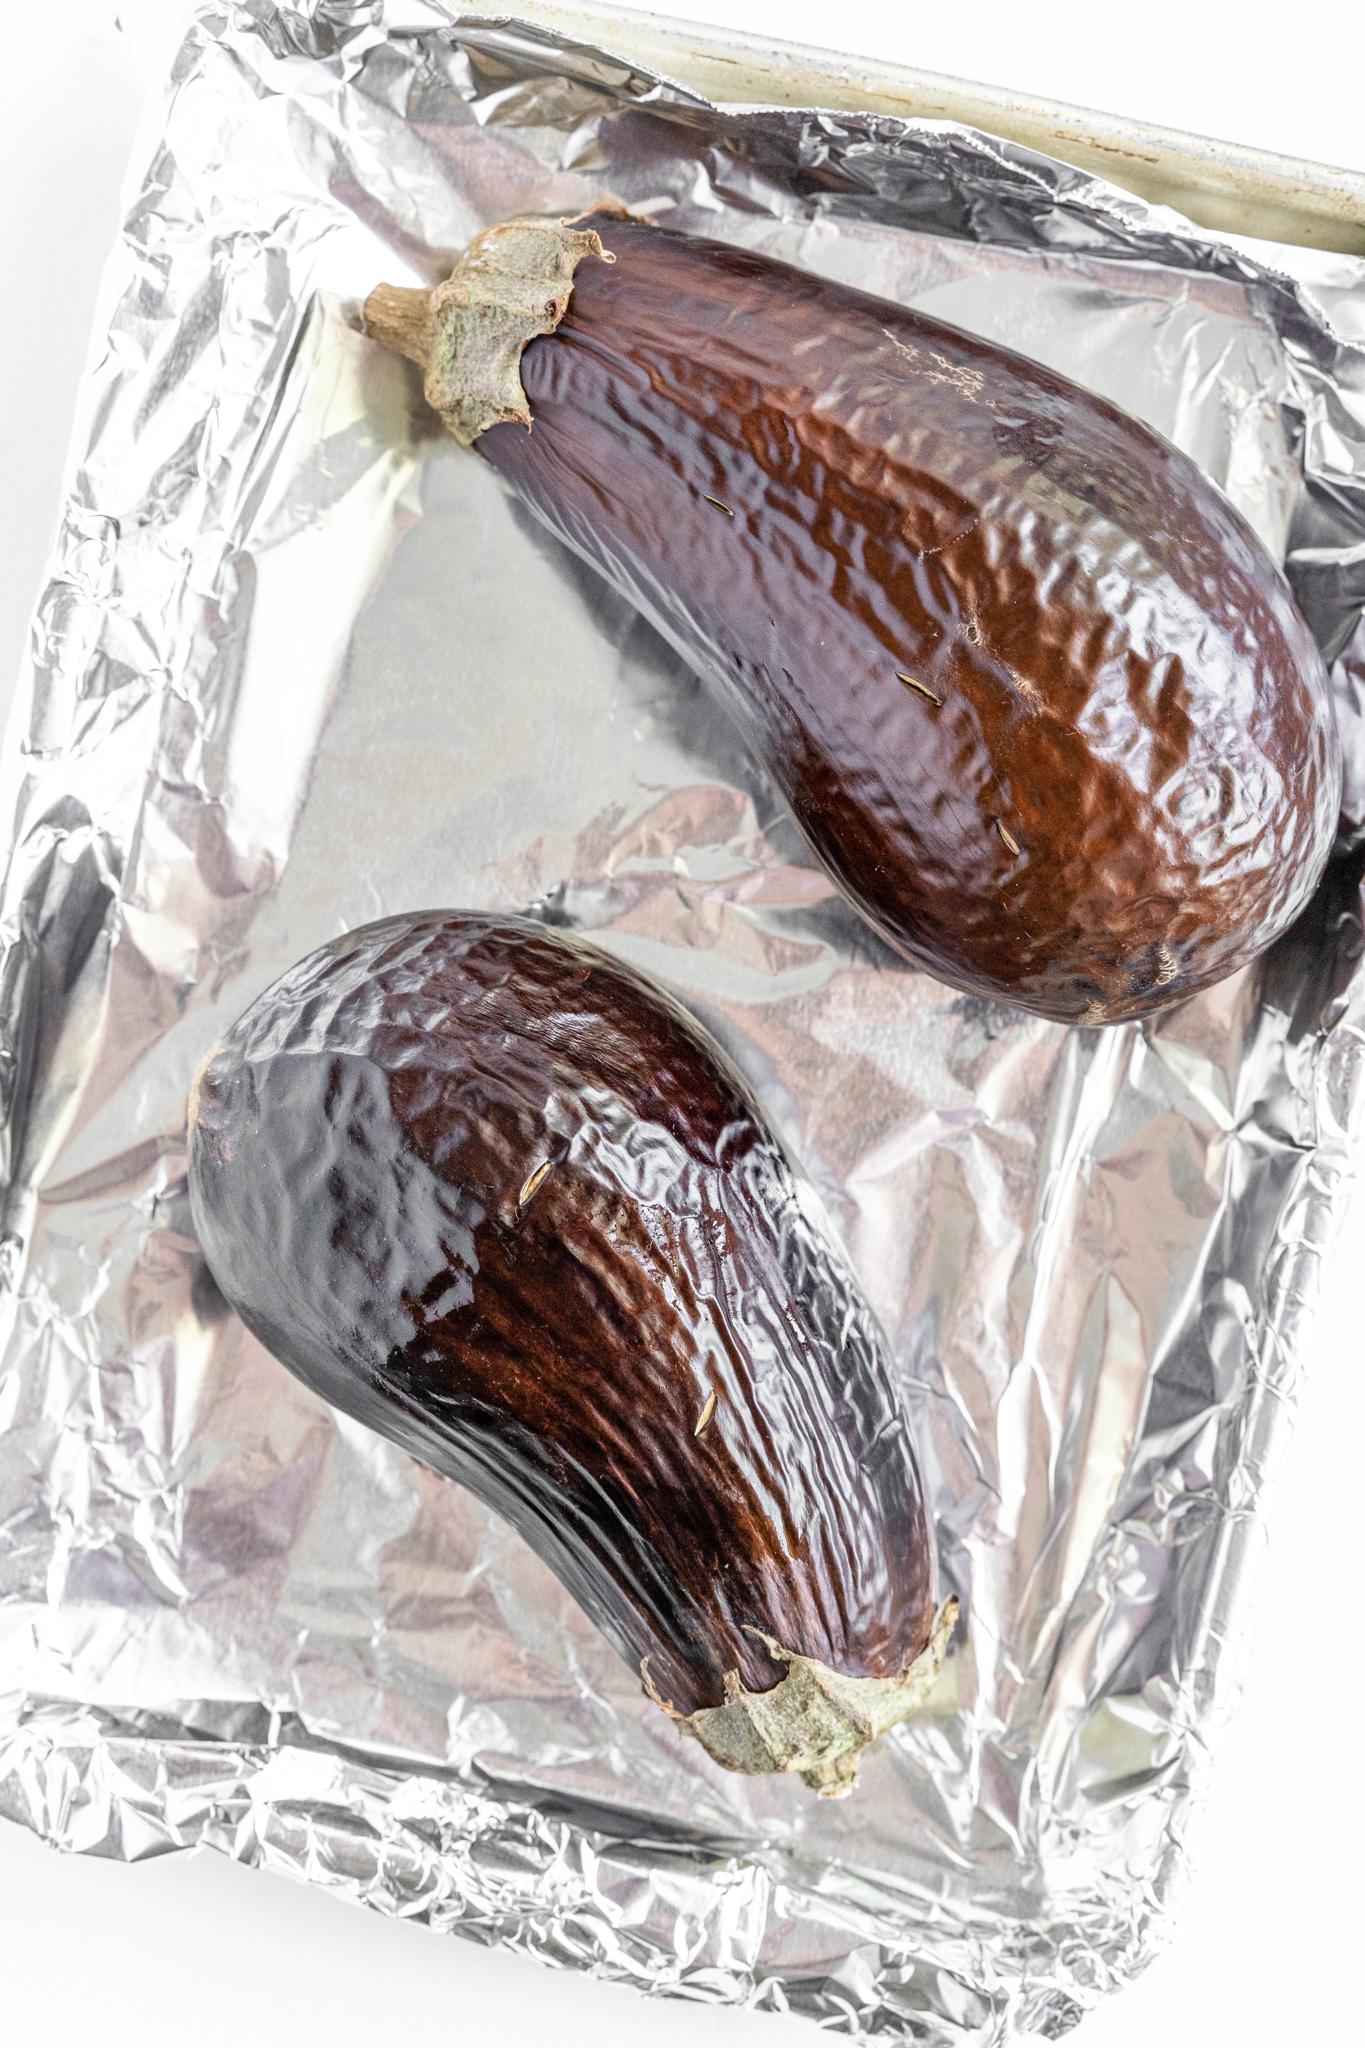 Baba Ghanoush roasted eggplant on a baking sheet.